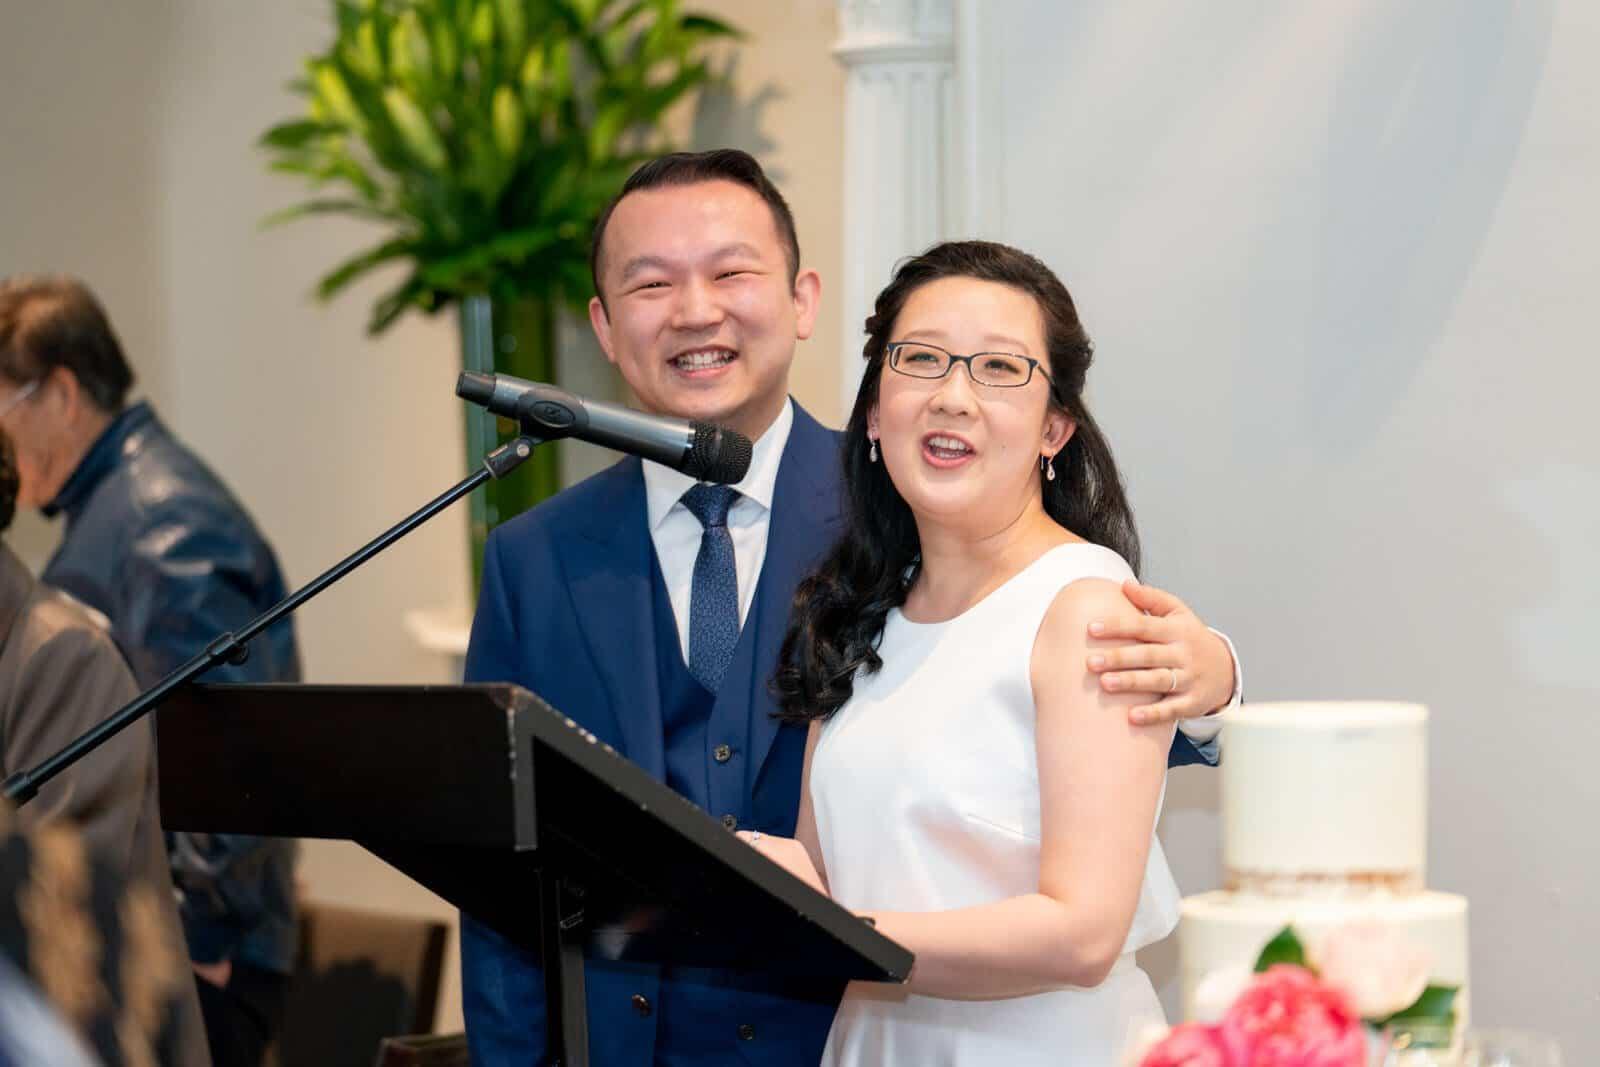 Quat Quatta | Wedding Reception Speeches